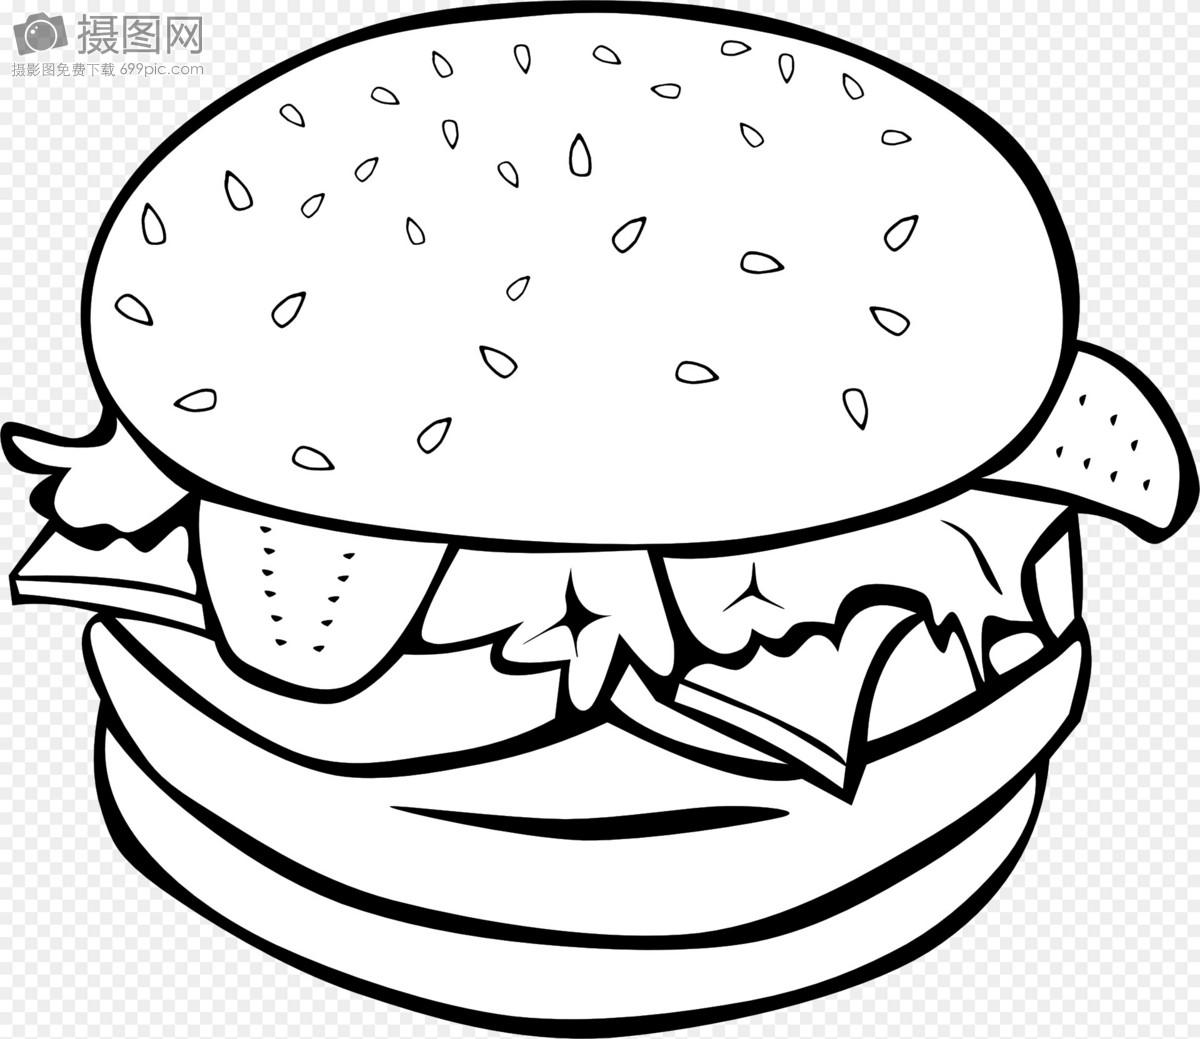 手绘汉堡图片大全